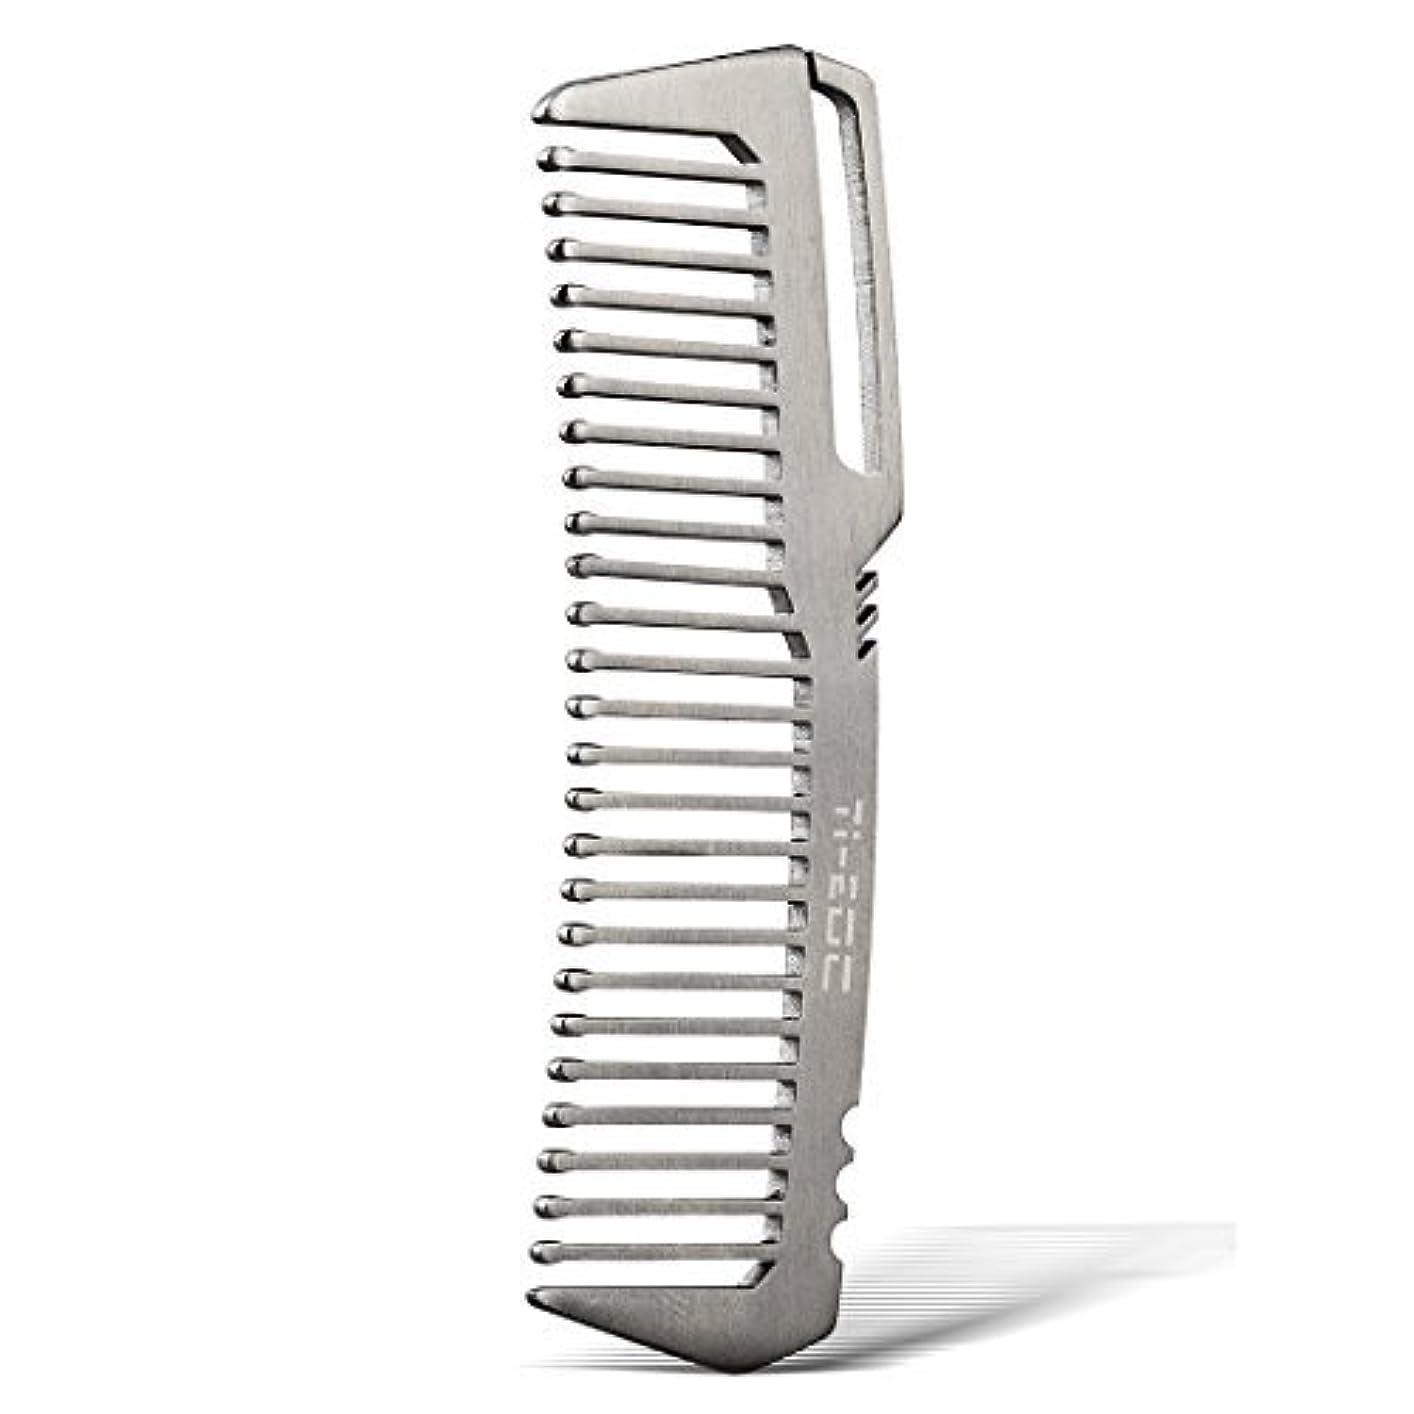 ばかげているウガンダ武装解除TI-EDC Titanium Hair Beared Comb Handmade Premium Eco-friendly Durable Pocket Wallet Comb [並行輸入品]